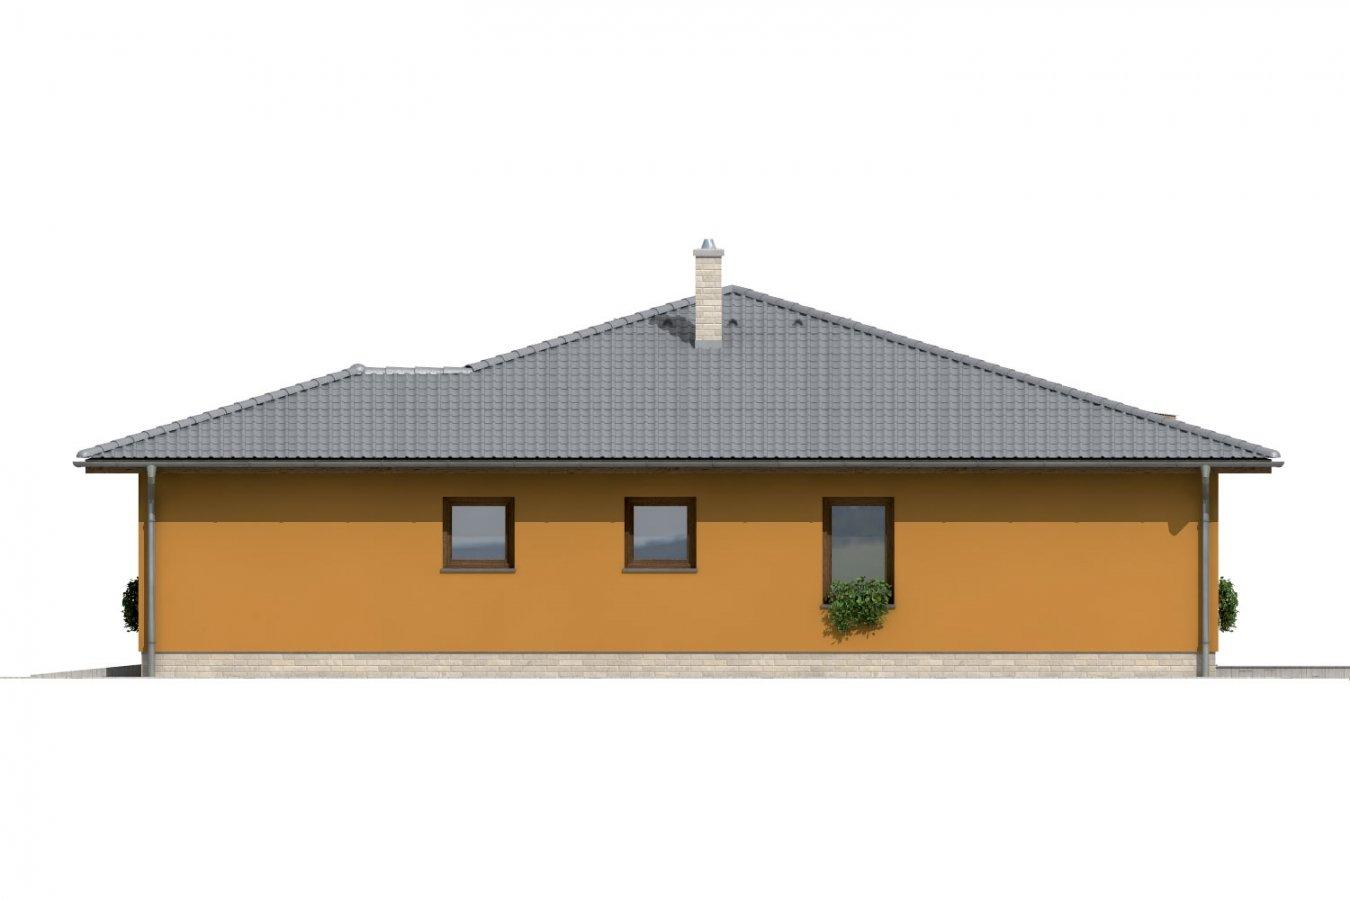 Pohľad 4. - Dom so stanovou strechou a presvetlenou obývacou izbou so strešnými oknami.